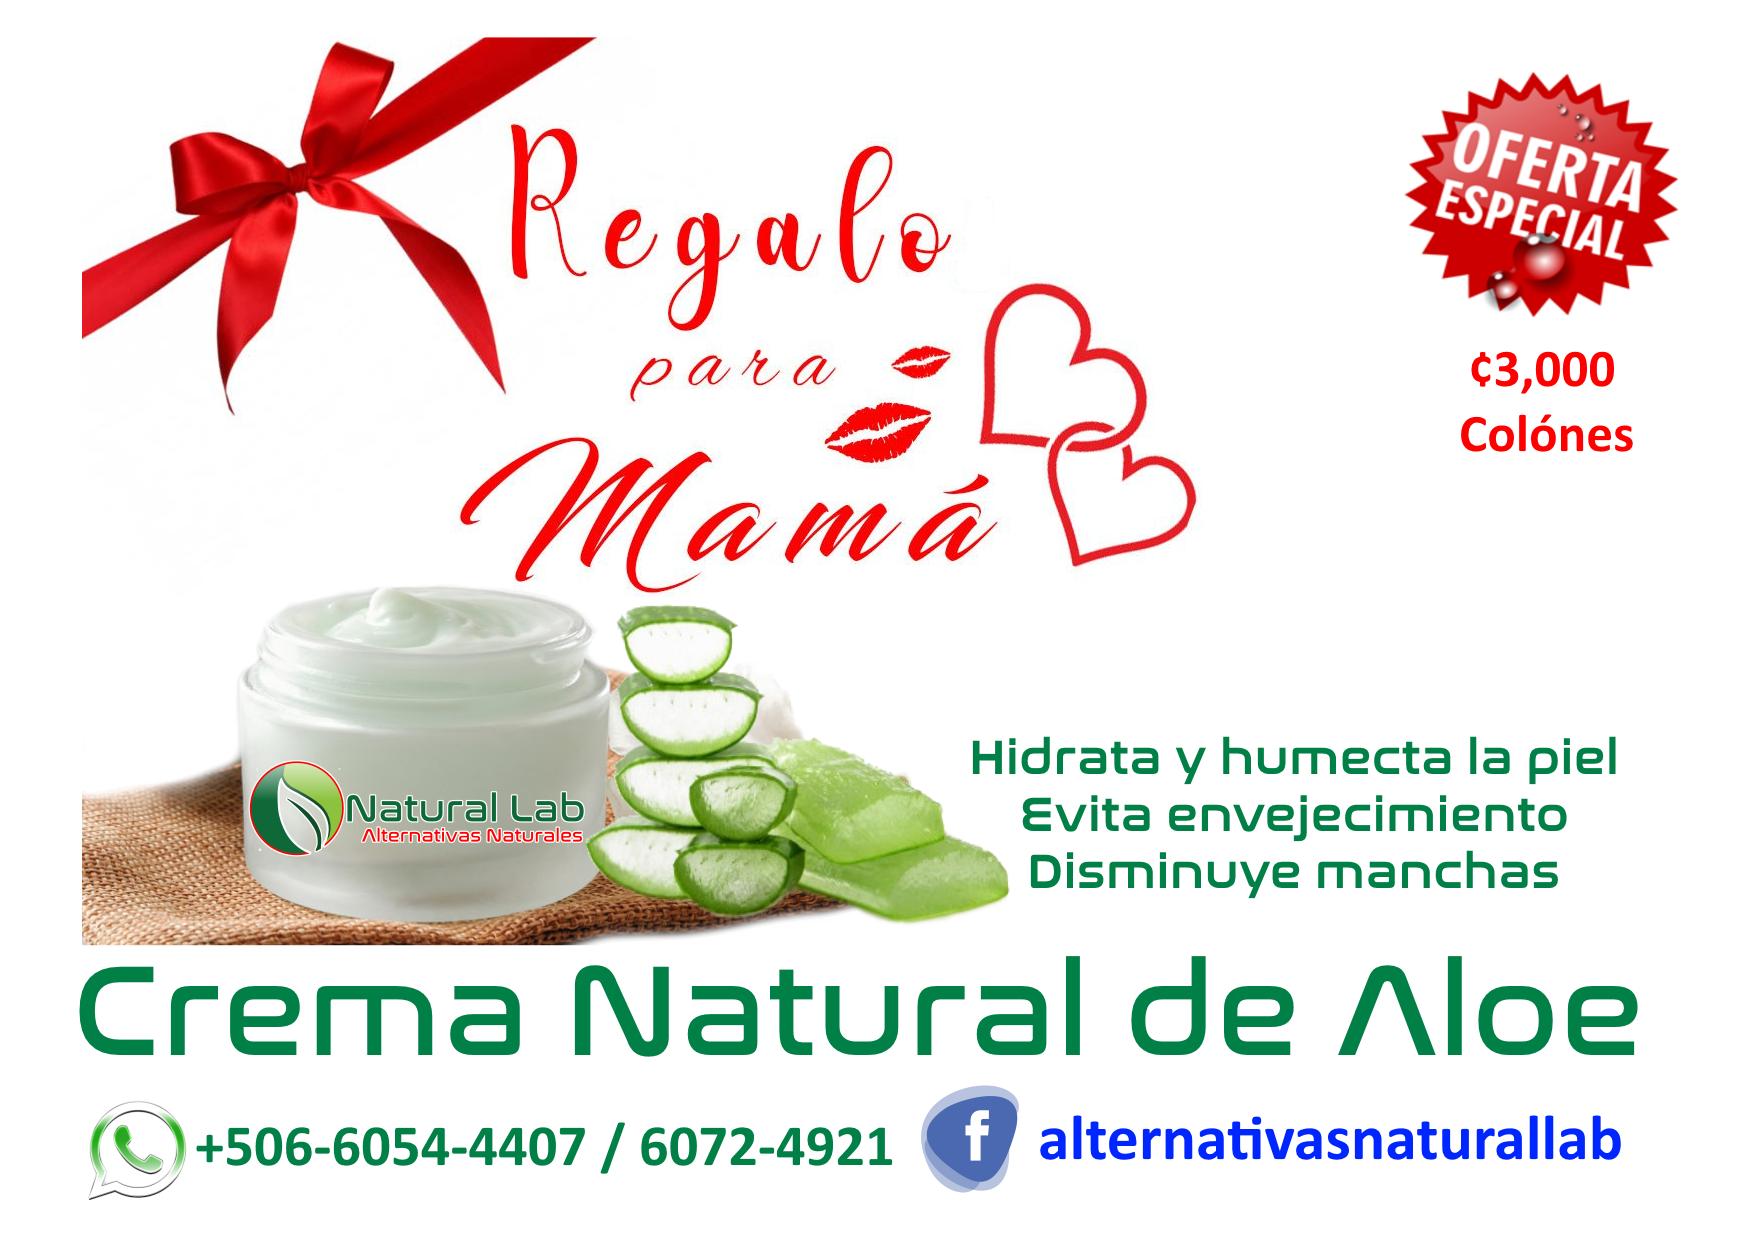 Crema Natural de Sabila